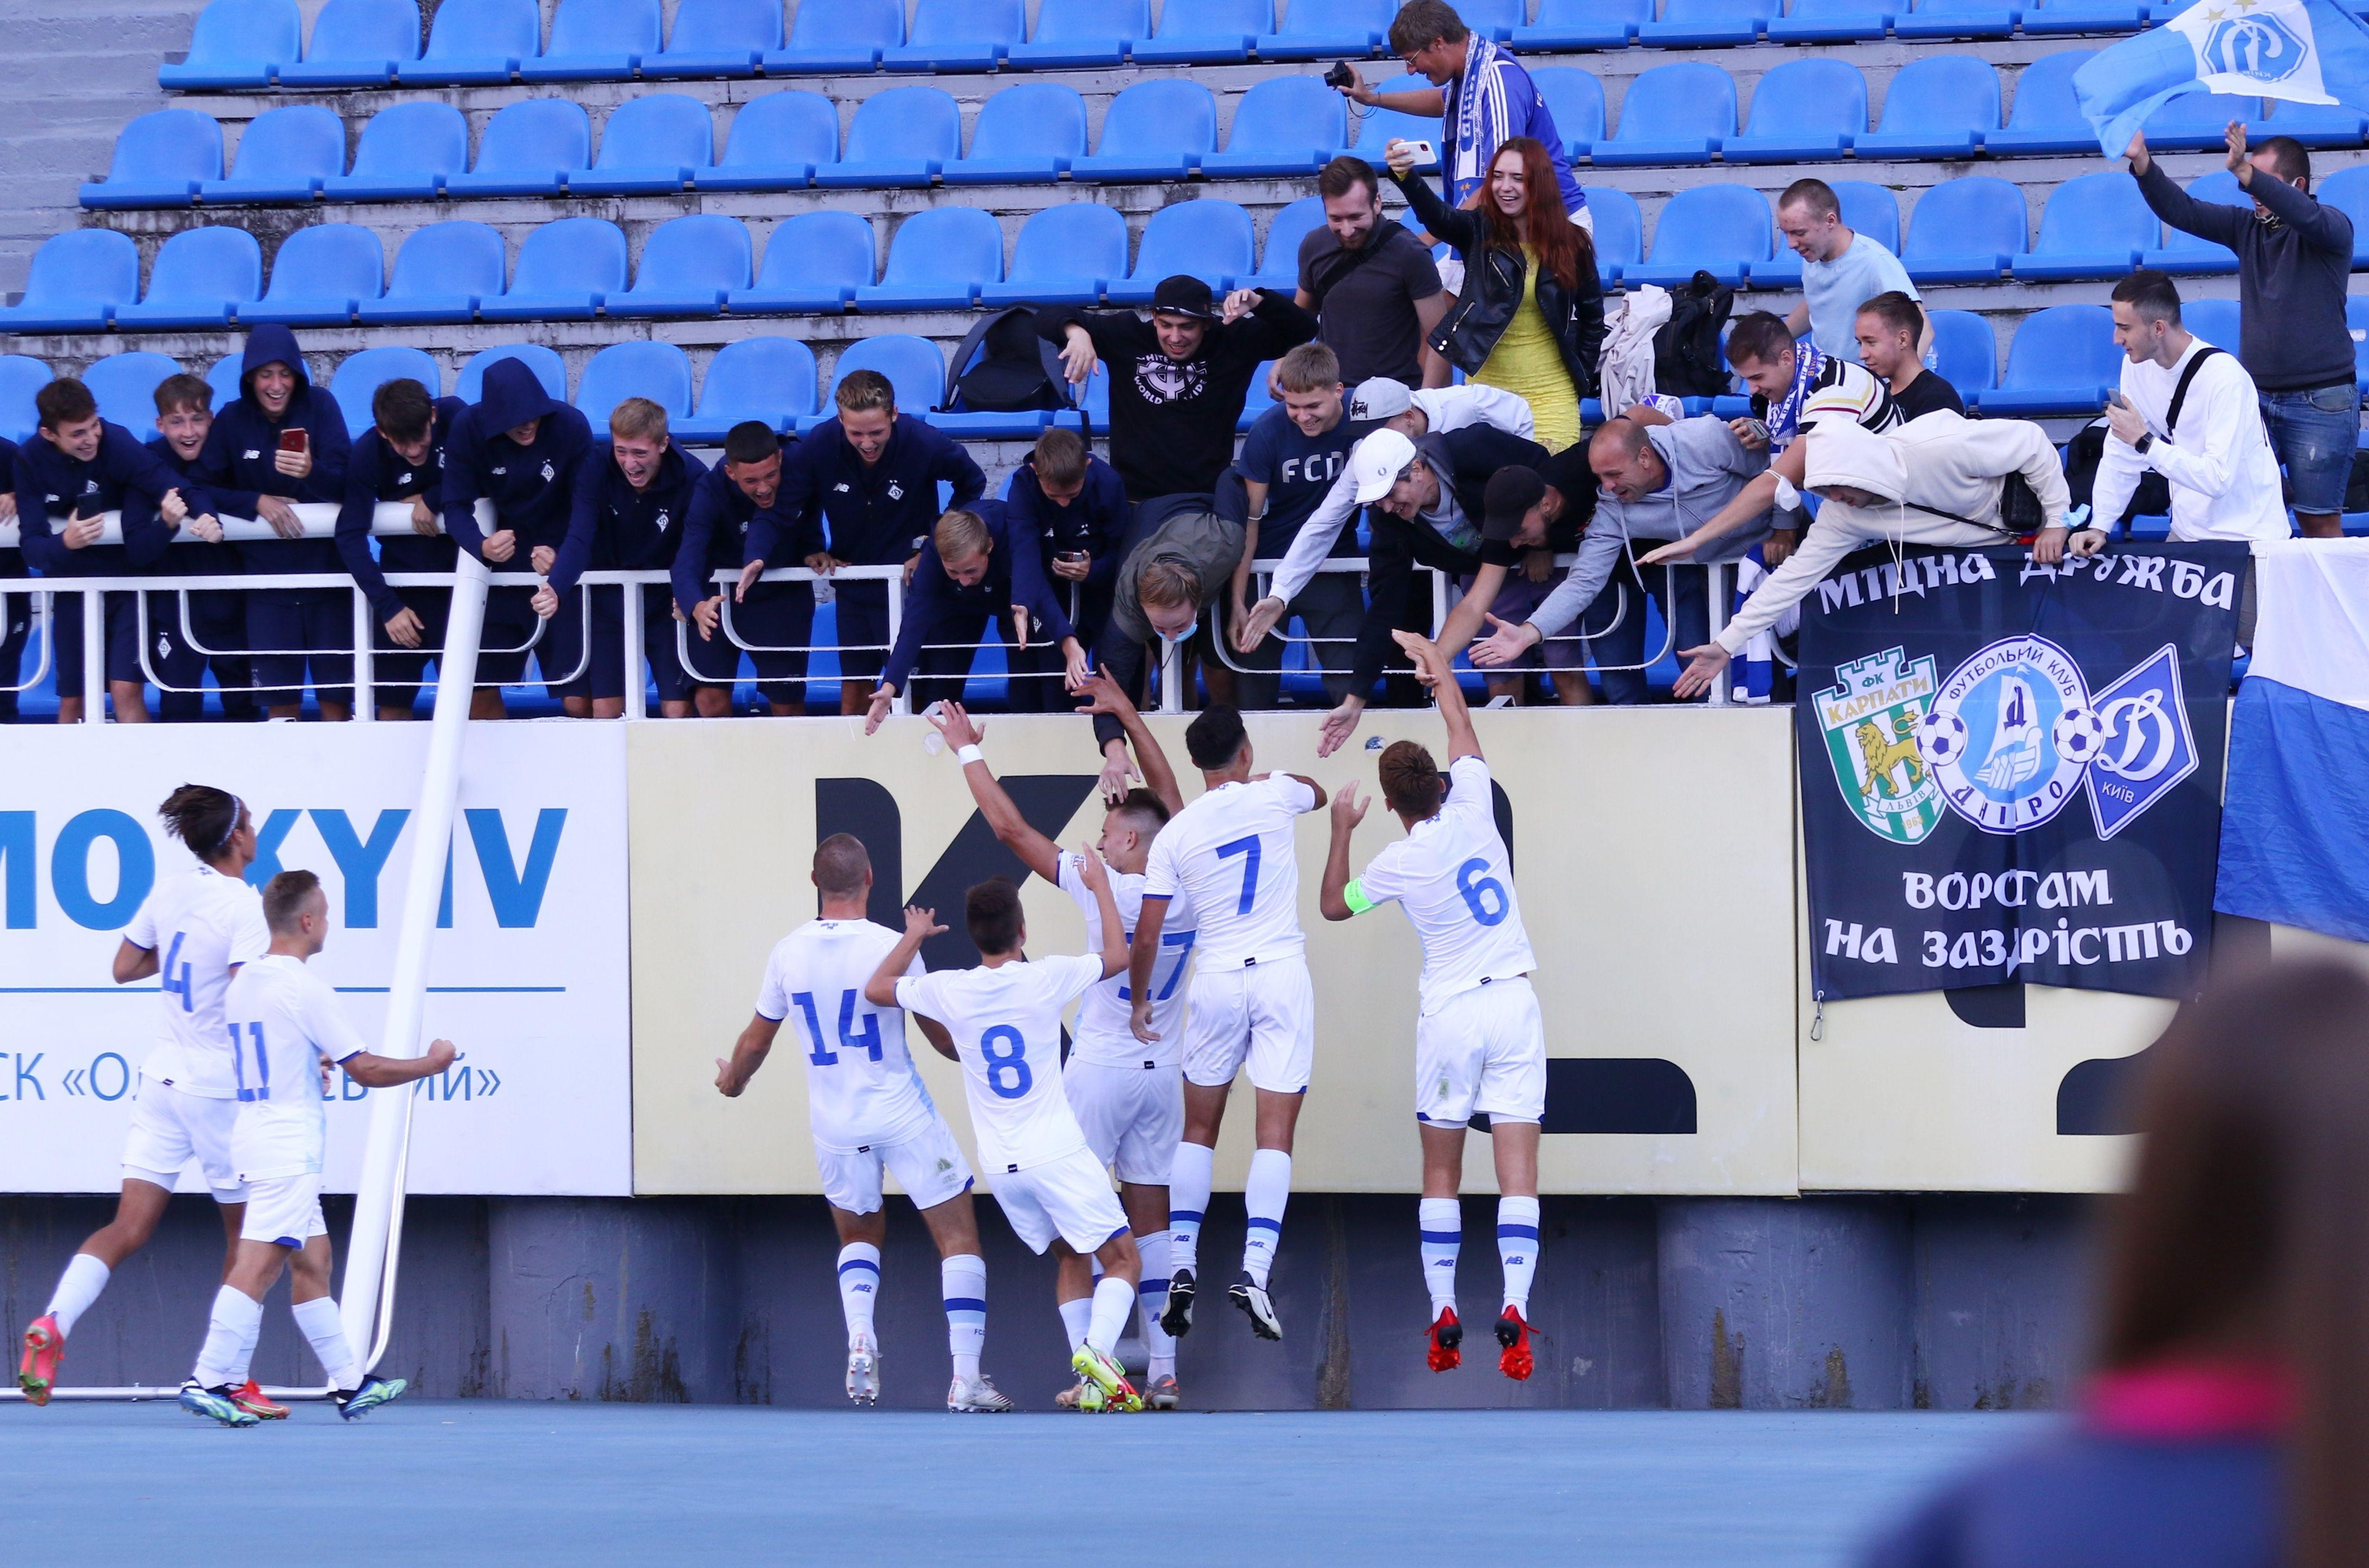 Отличный старт! ФОТО репортаж с матча Юношеской лиги УЕФА Динамо - Бенфика 4:0 - фото 22